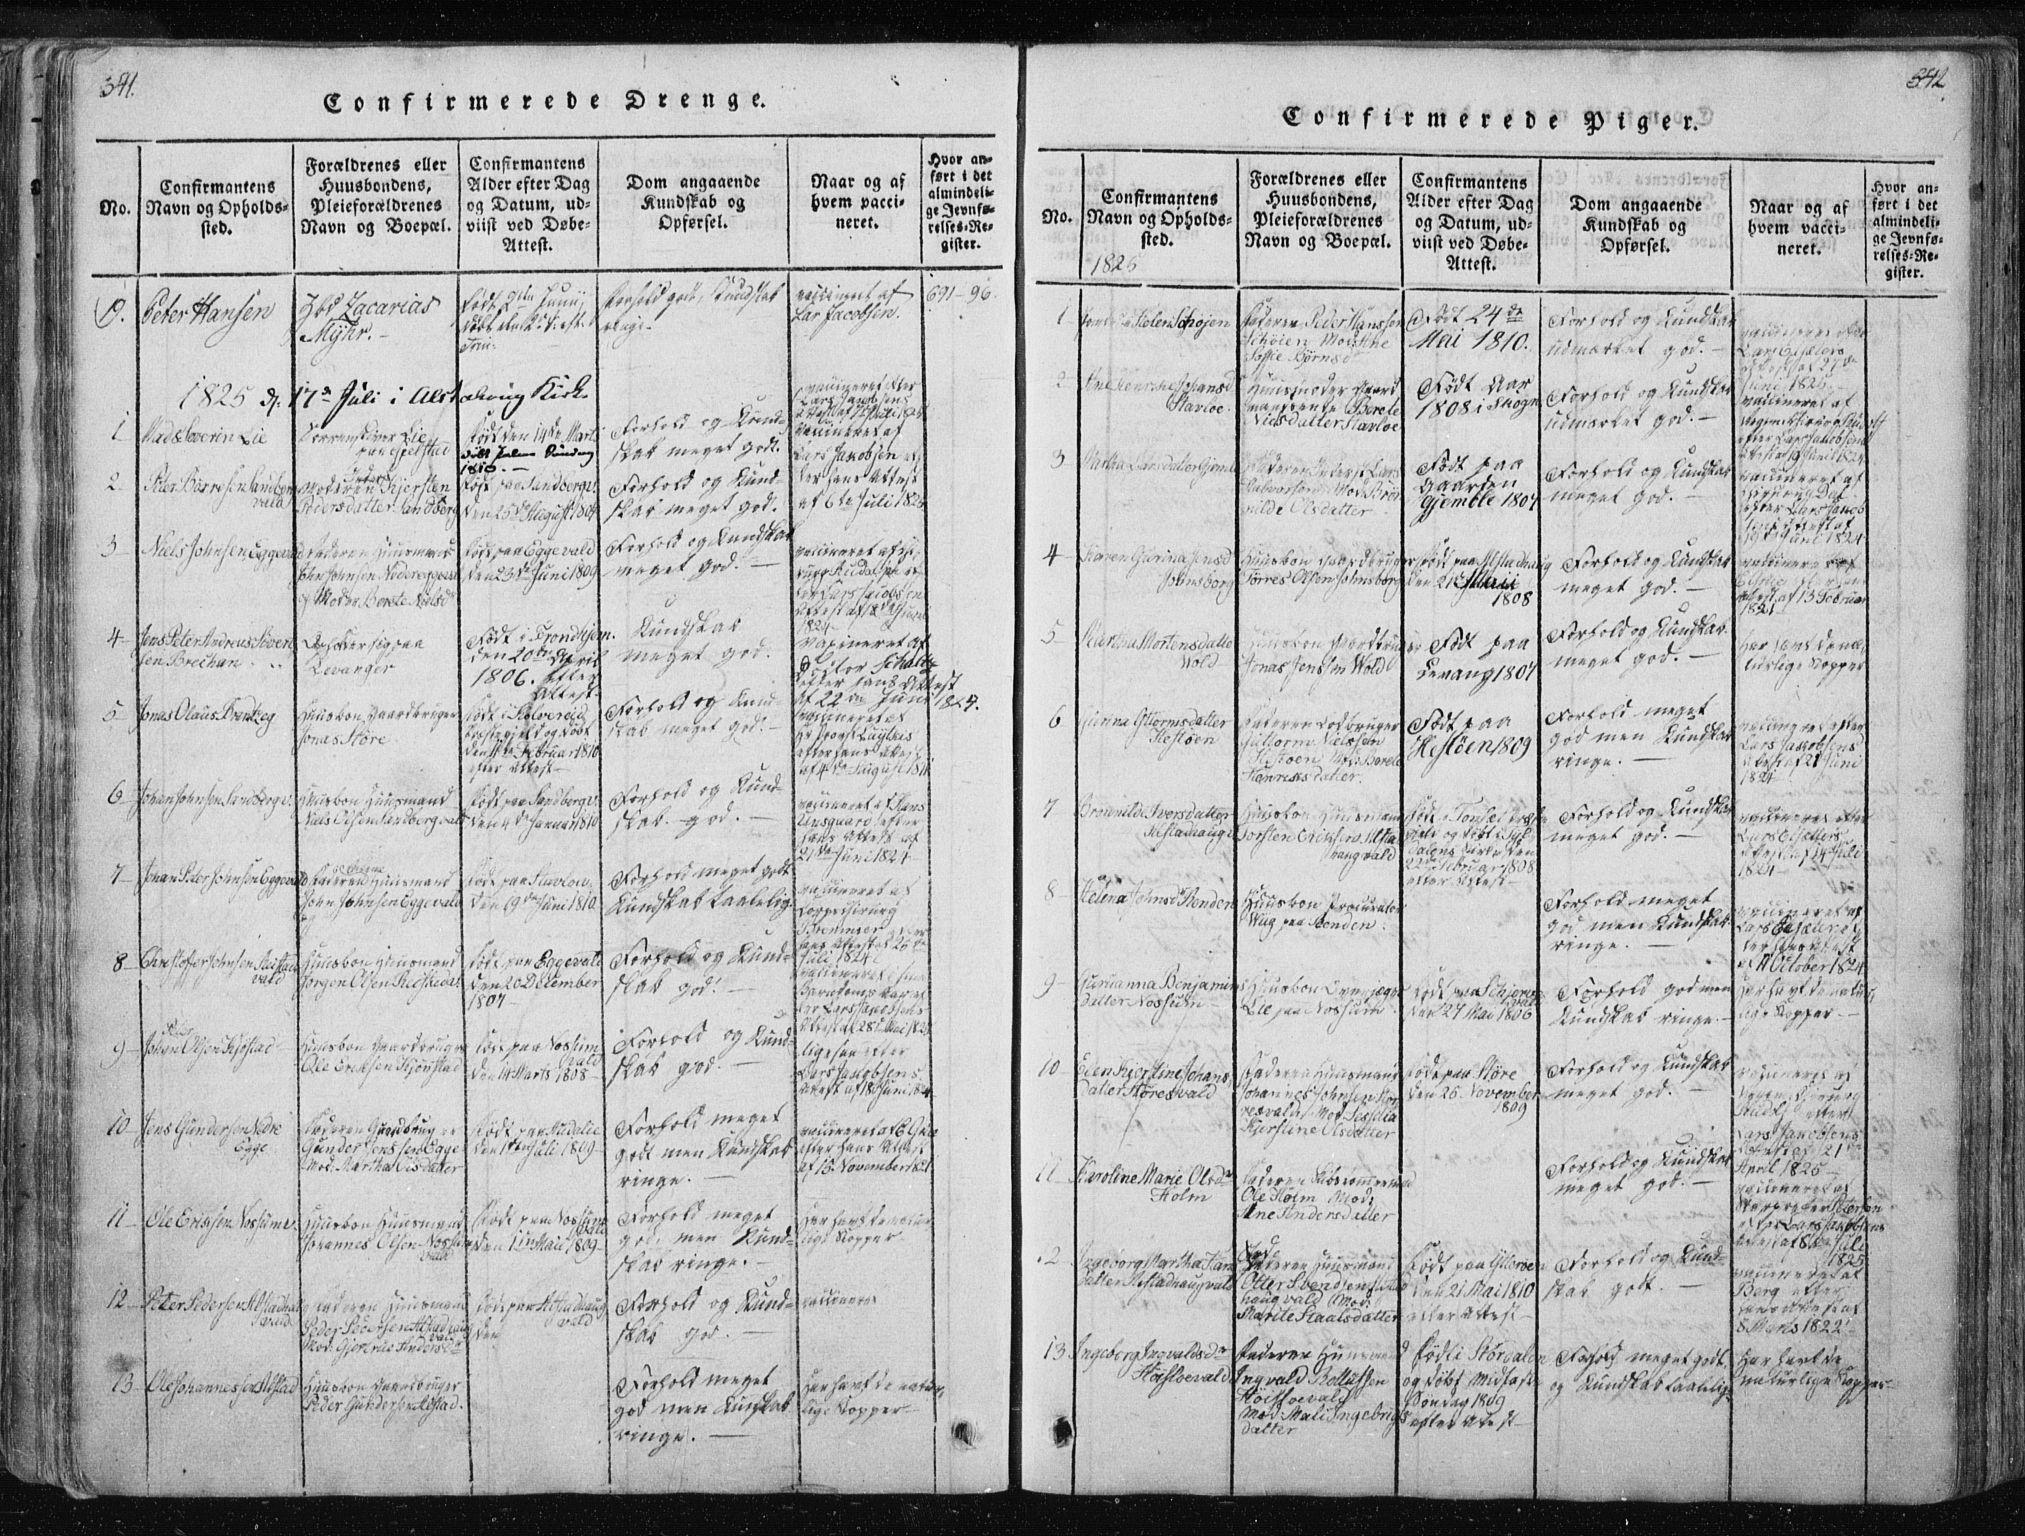 SAT, Ministerialprotokoller, klokkerbøker og fødselsregistre - Nord-Trøndelag, 717/L0148: Ministerialbok nr. 717A04 /1, 1816-1825, s. 541-542